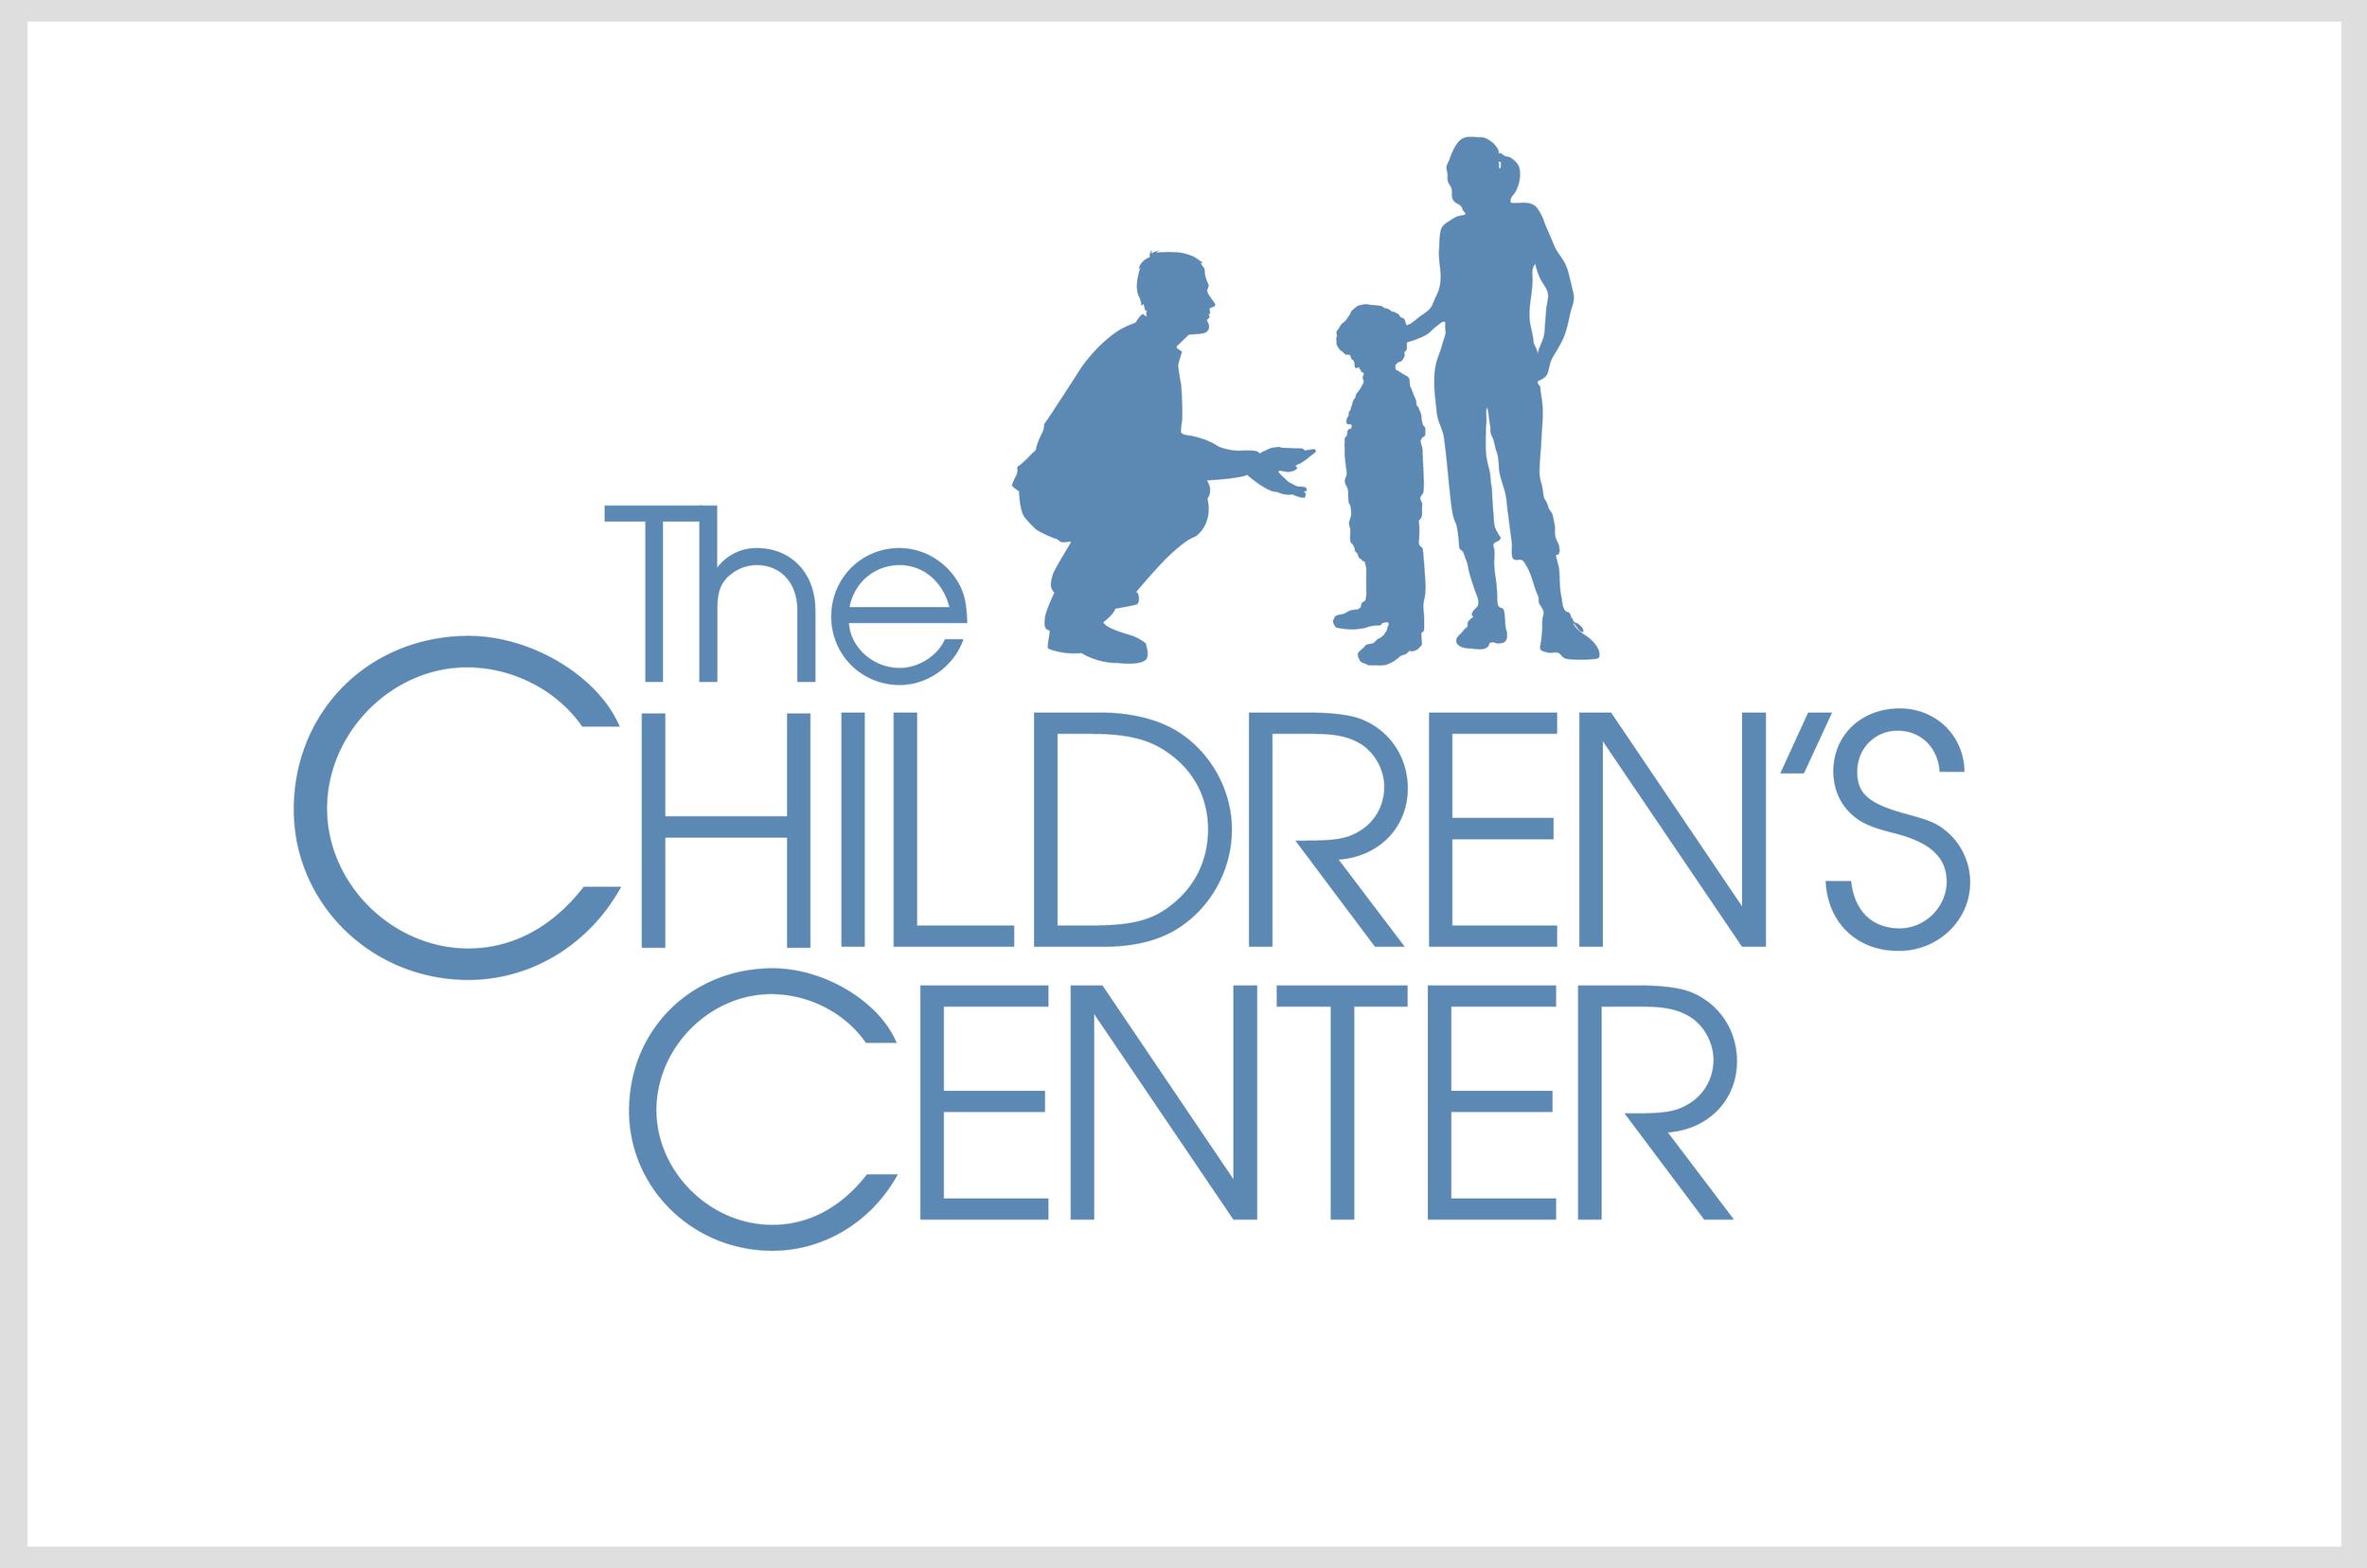 The Children's Center Annual Report